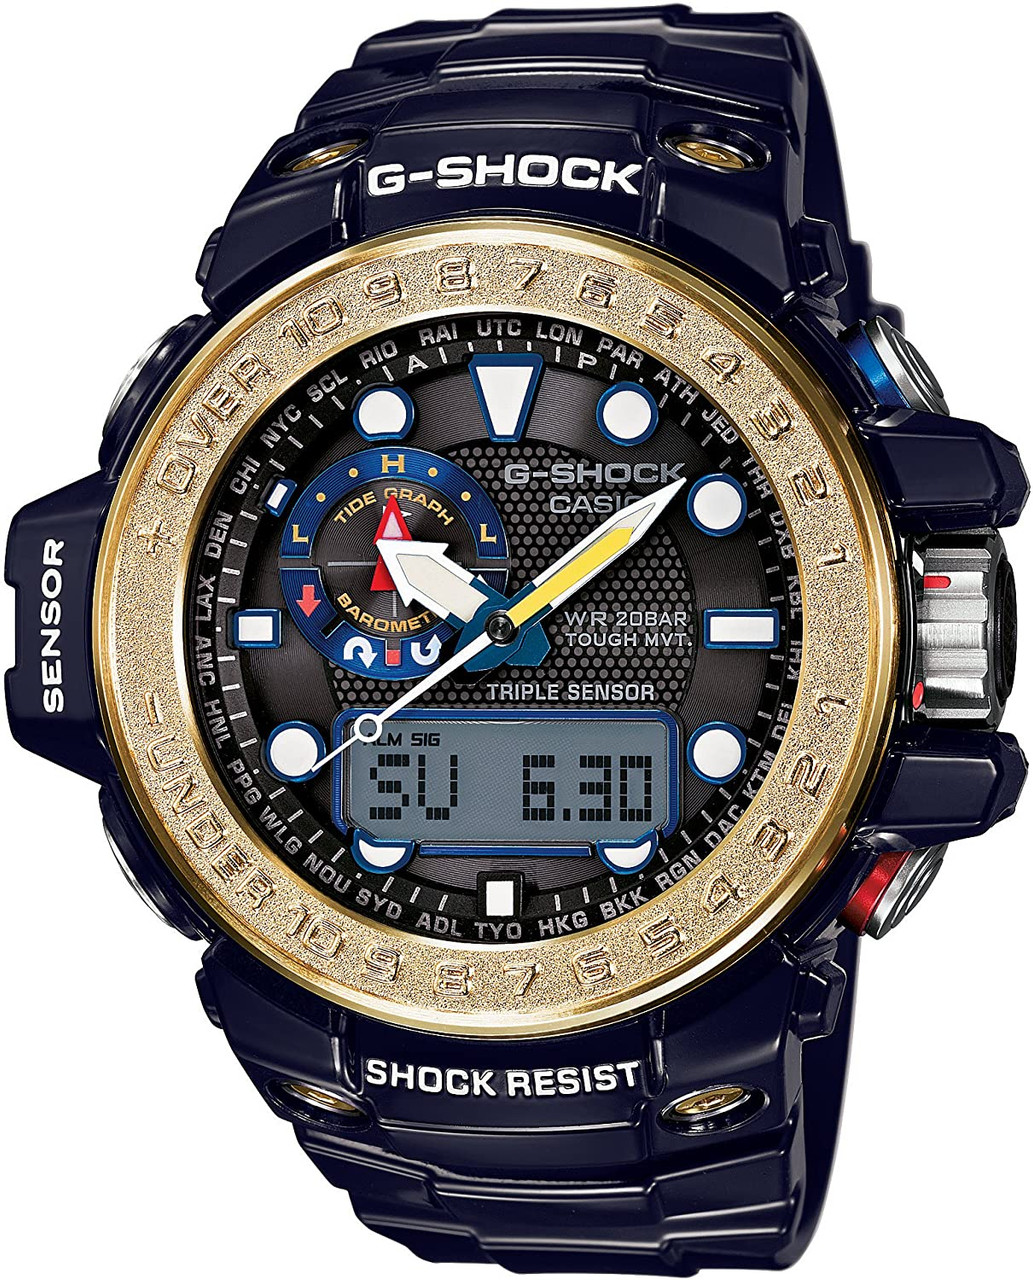 Casio G-Shock Gulfmaster GWN-1000F-2AJF